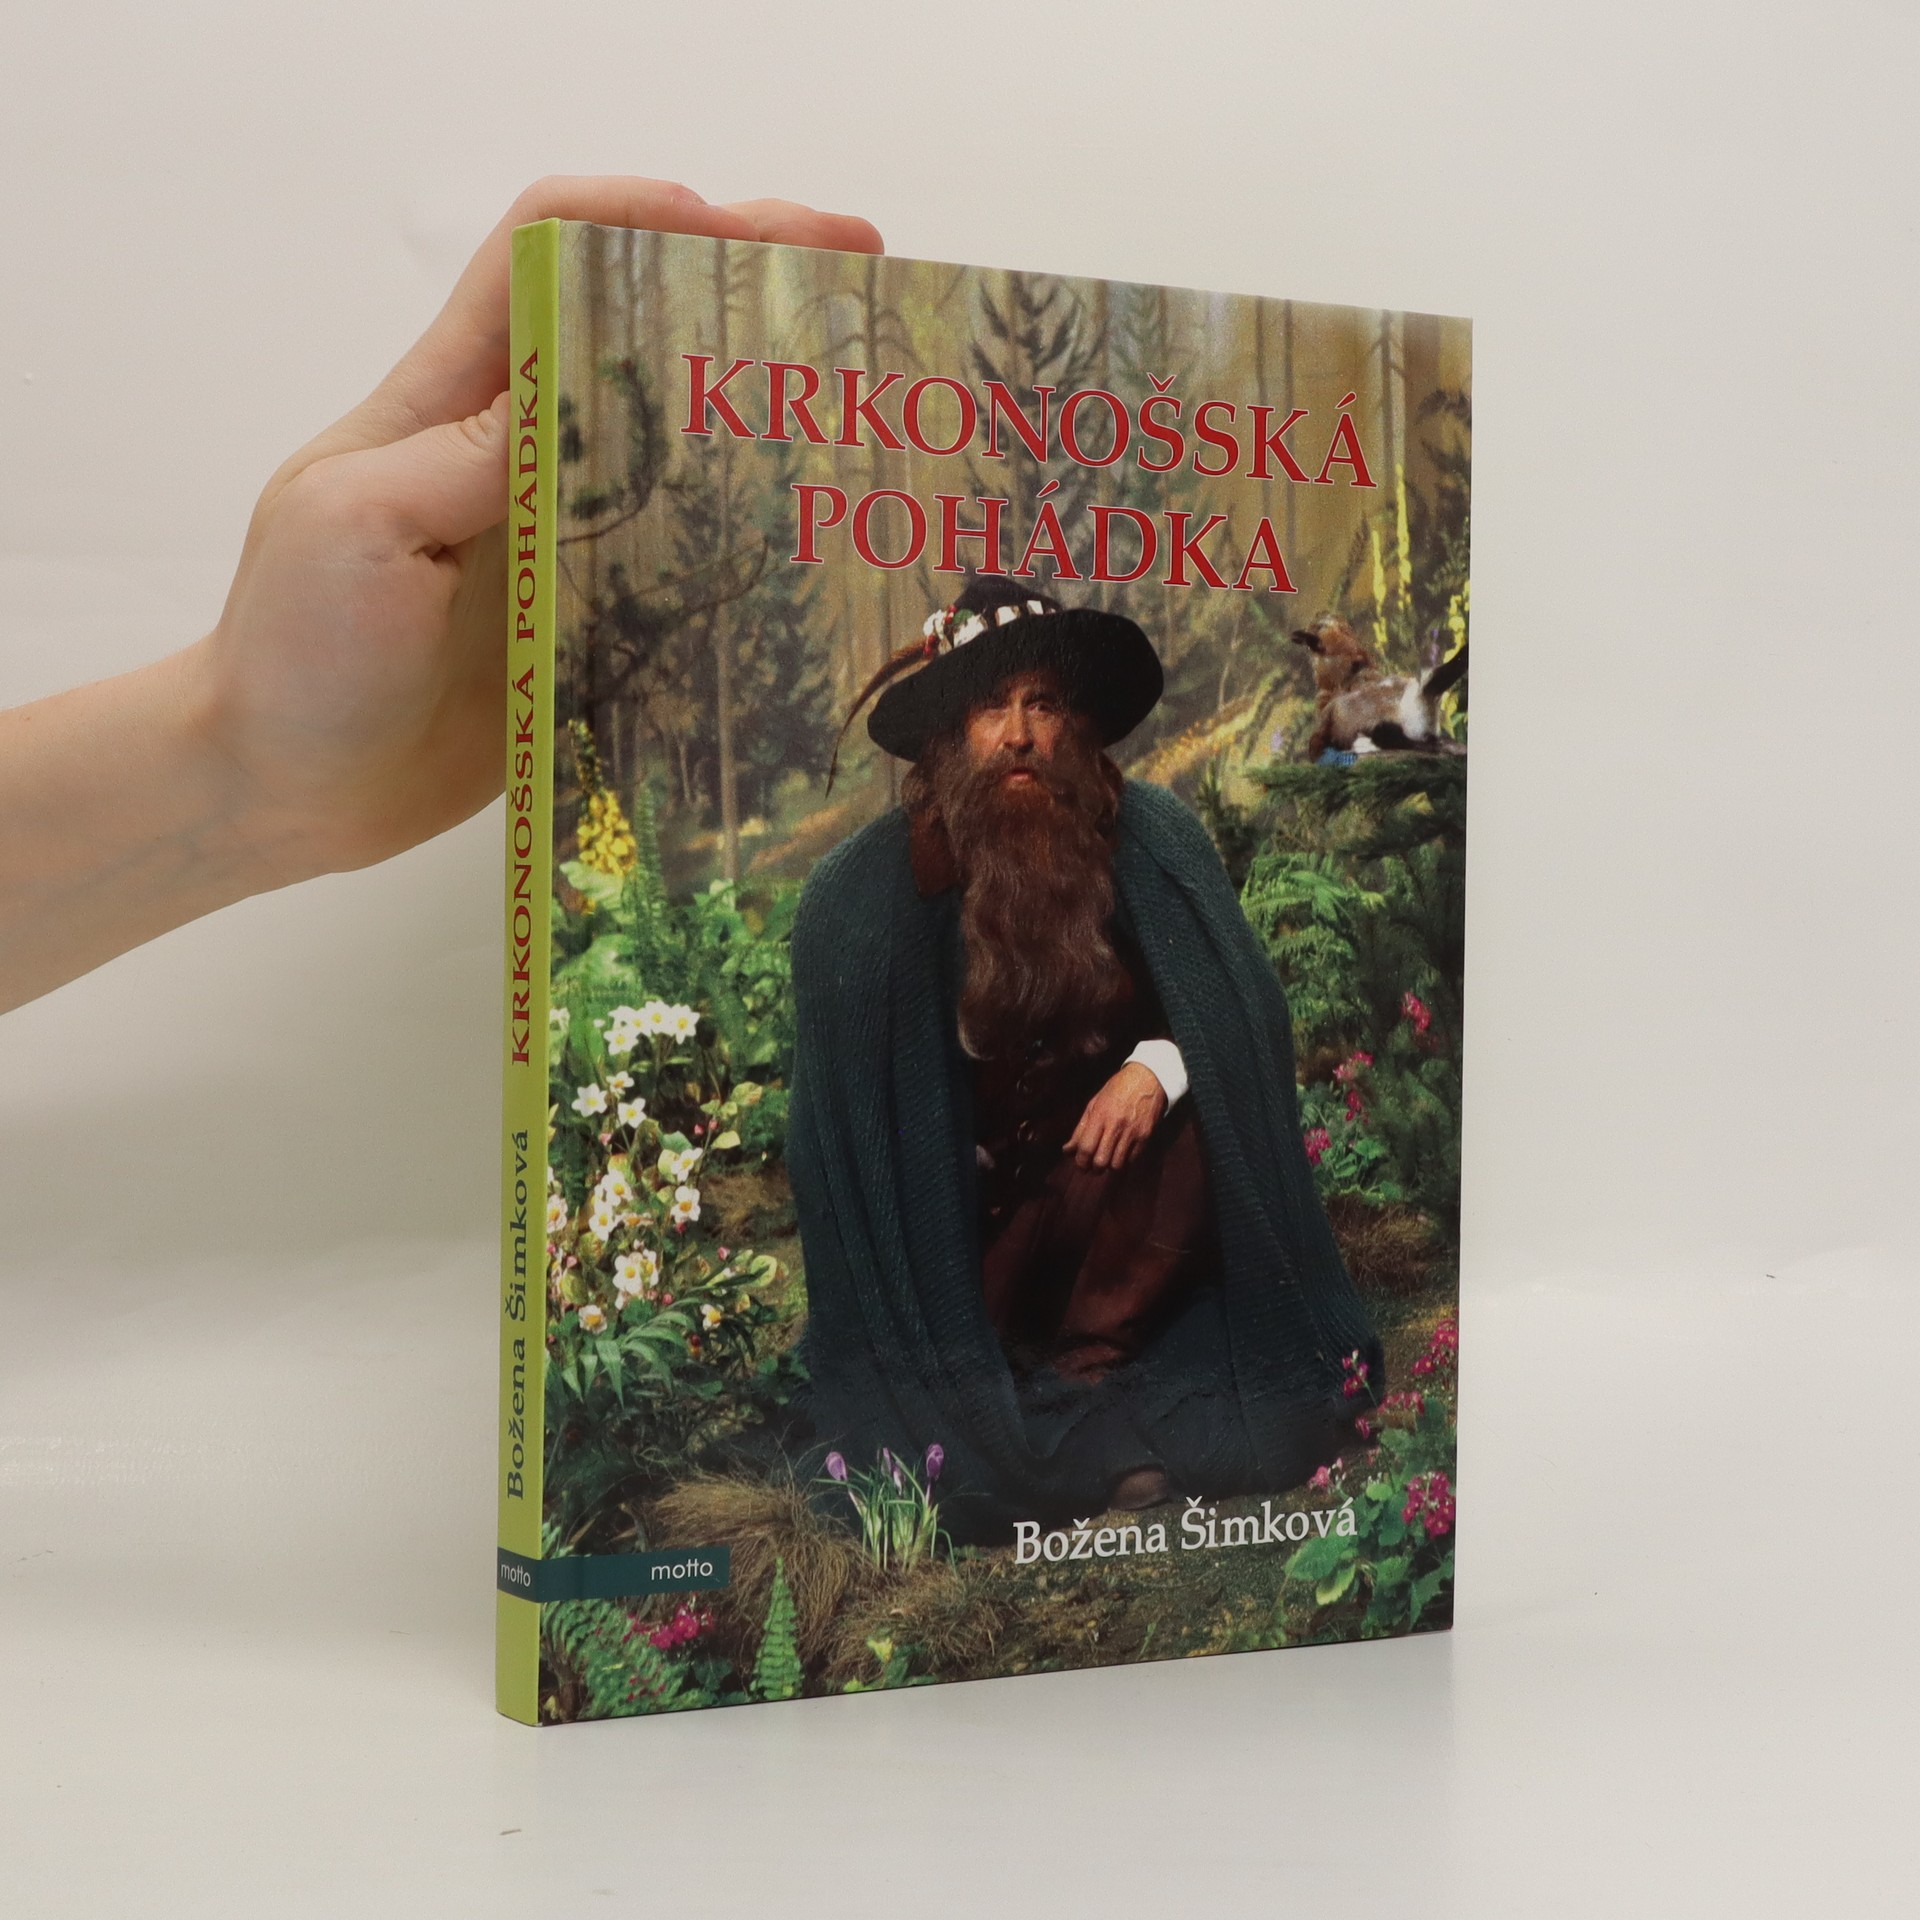 antikvární kniha Krkonošská pohádka, 2011